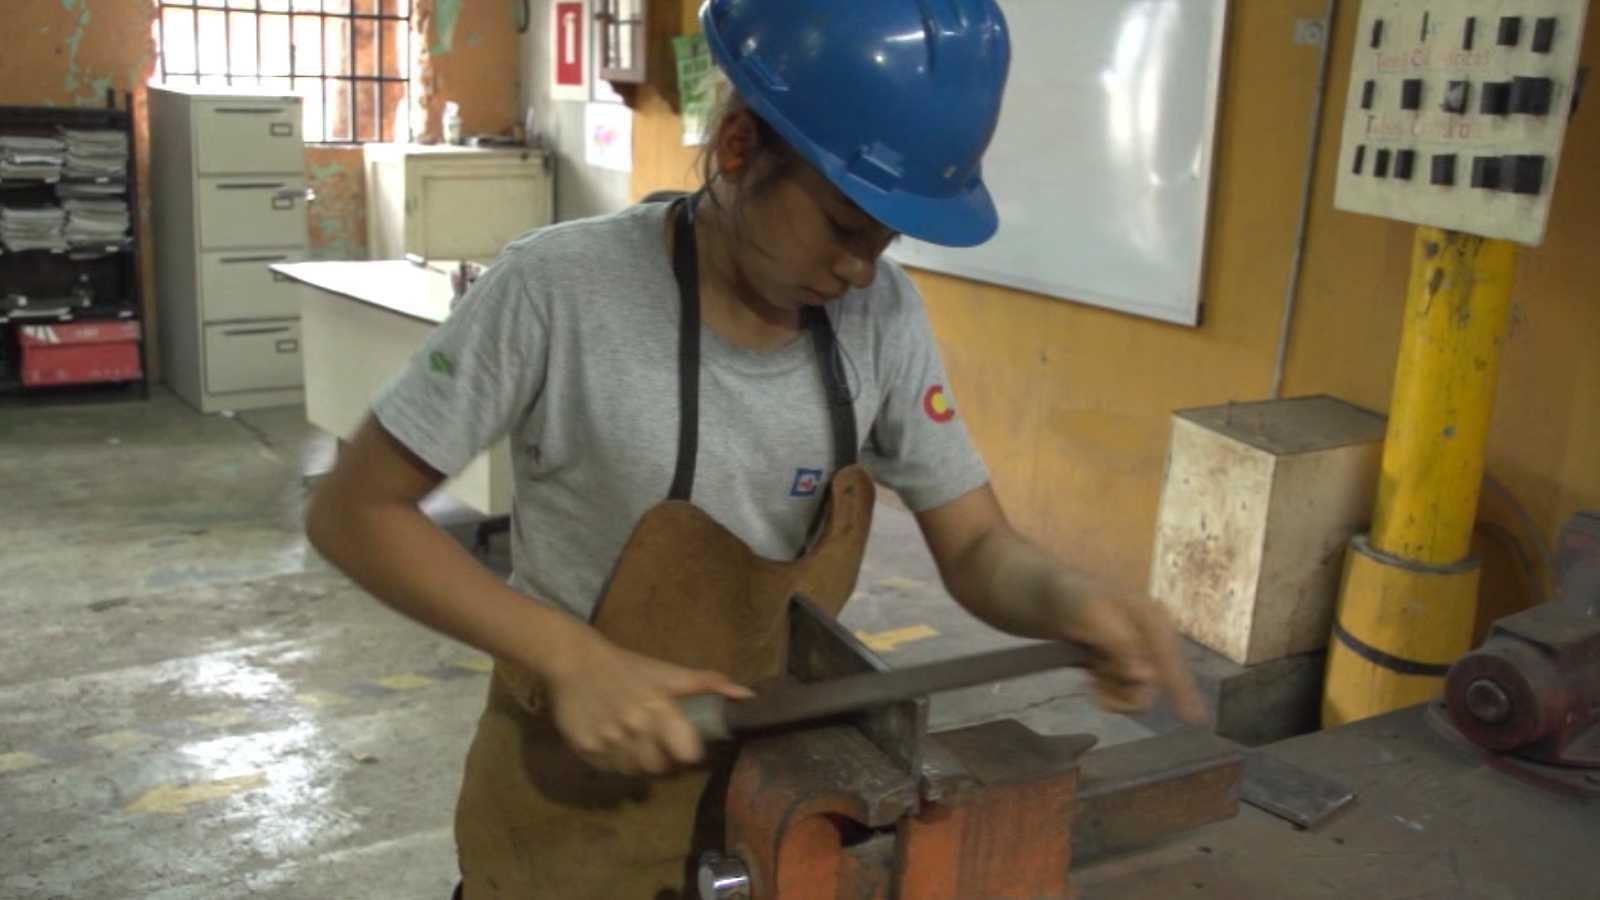 Cooperacion es desarrollo - Programa Escuelas Taller de la Cooperación Española - 19/08/18 - Escuchar ahora